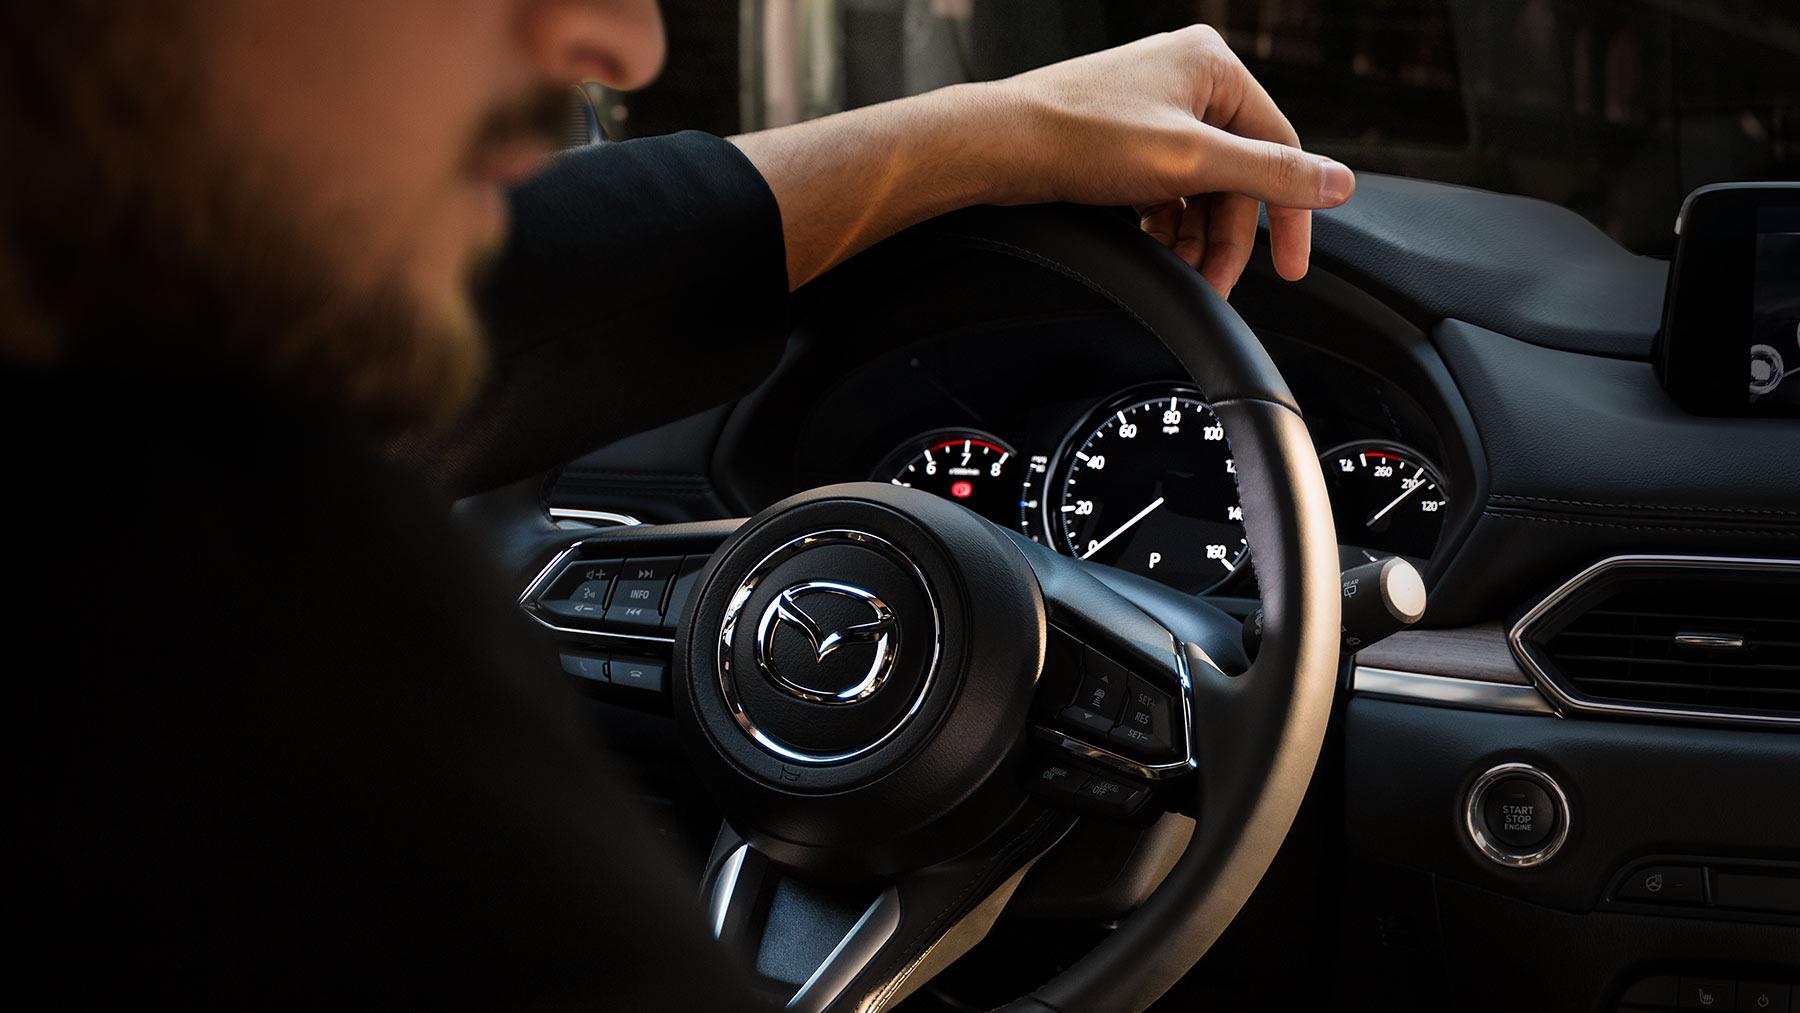 2019 Mazda CX-5 Interior Detailing